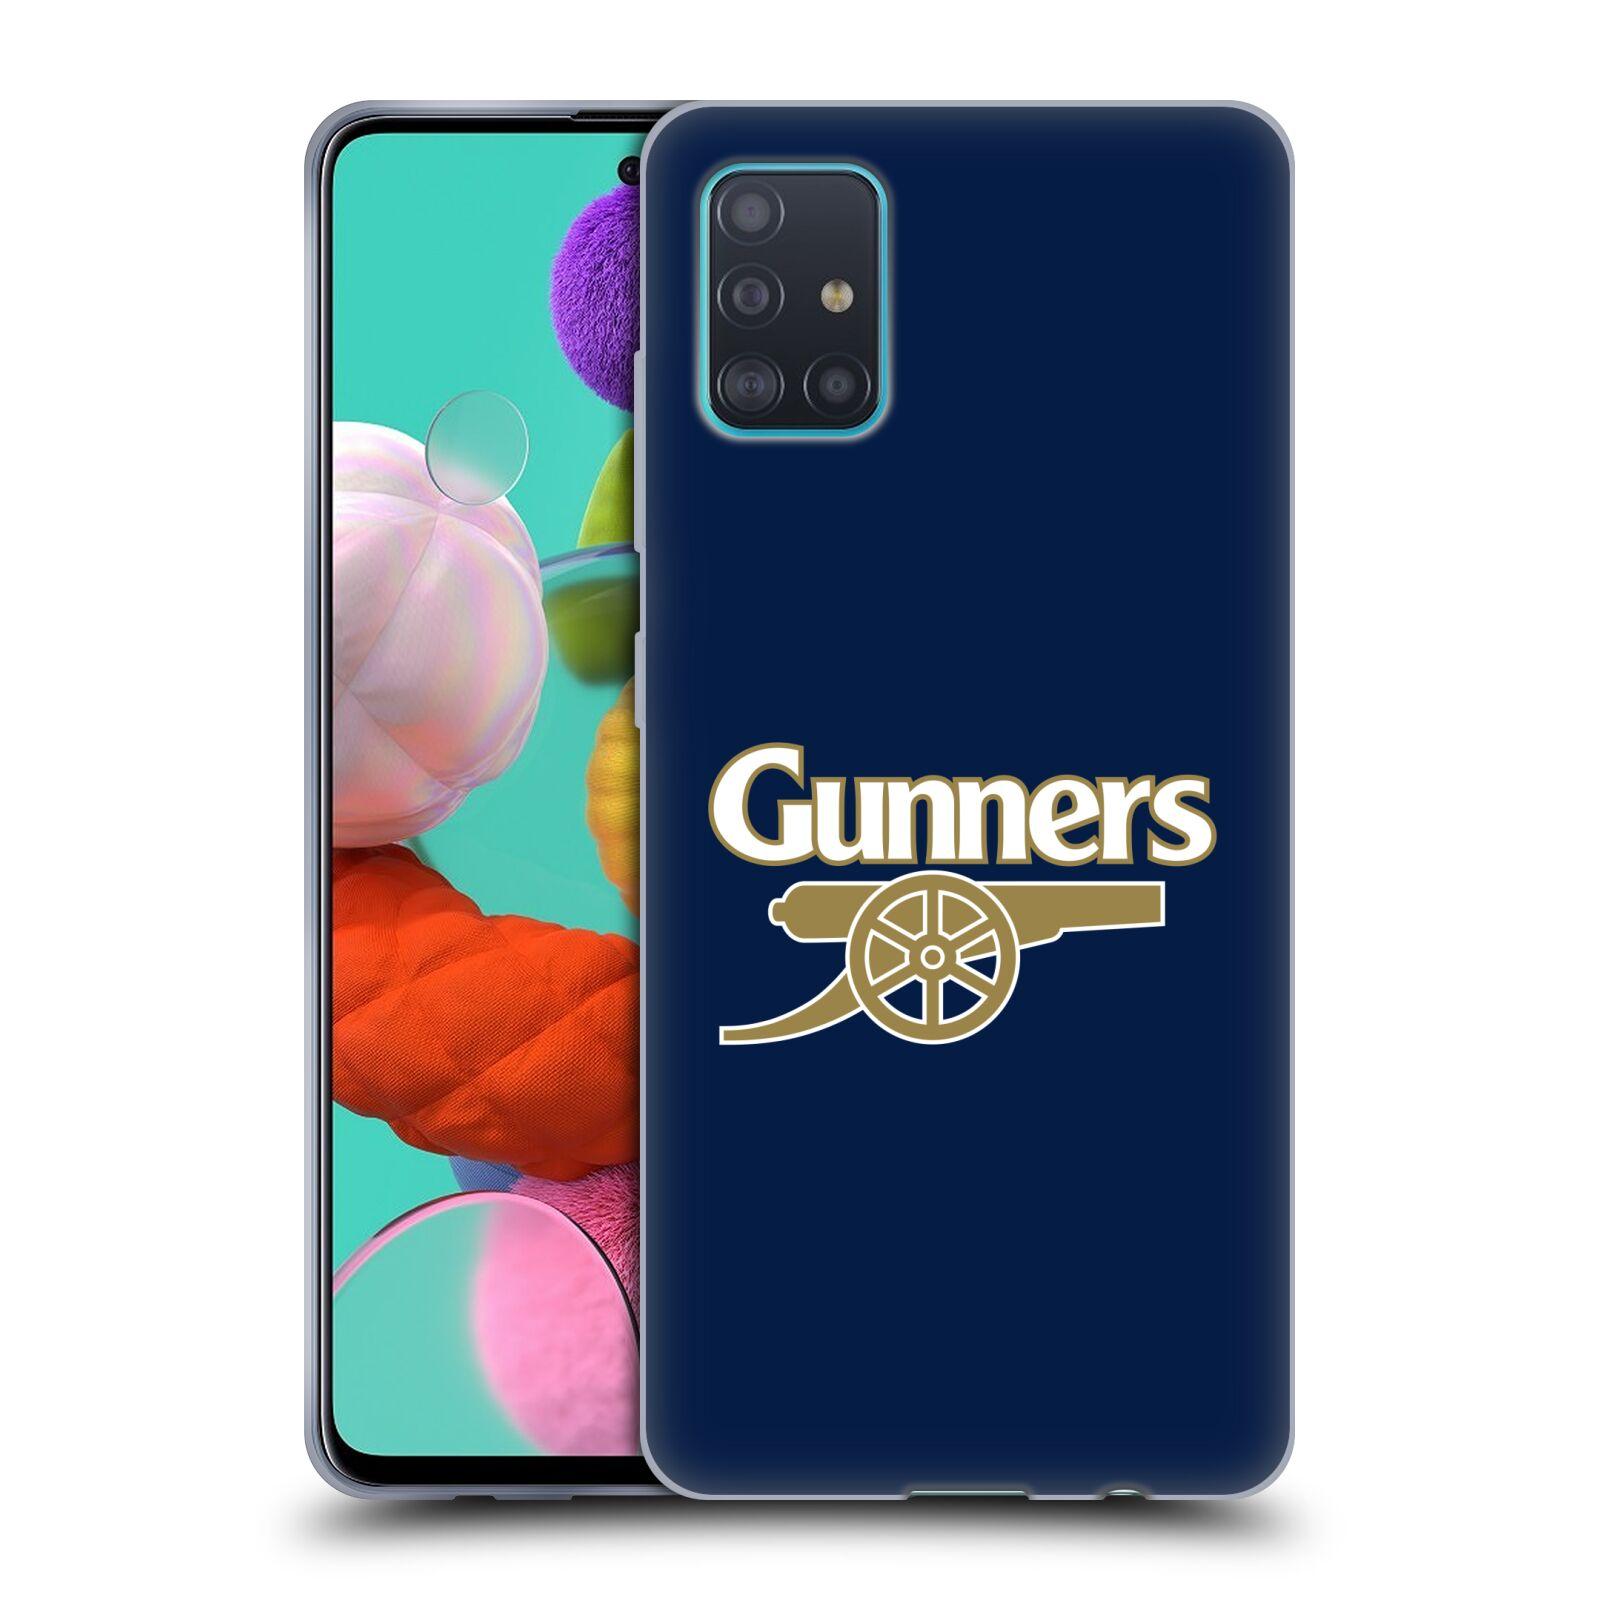 Silikonové pouzdro na mobil Samsung Galaxy A51 - Head Case - Arsenal FC - Gunners